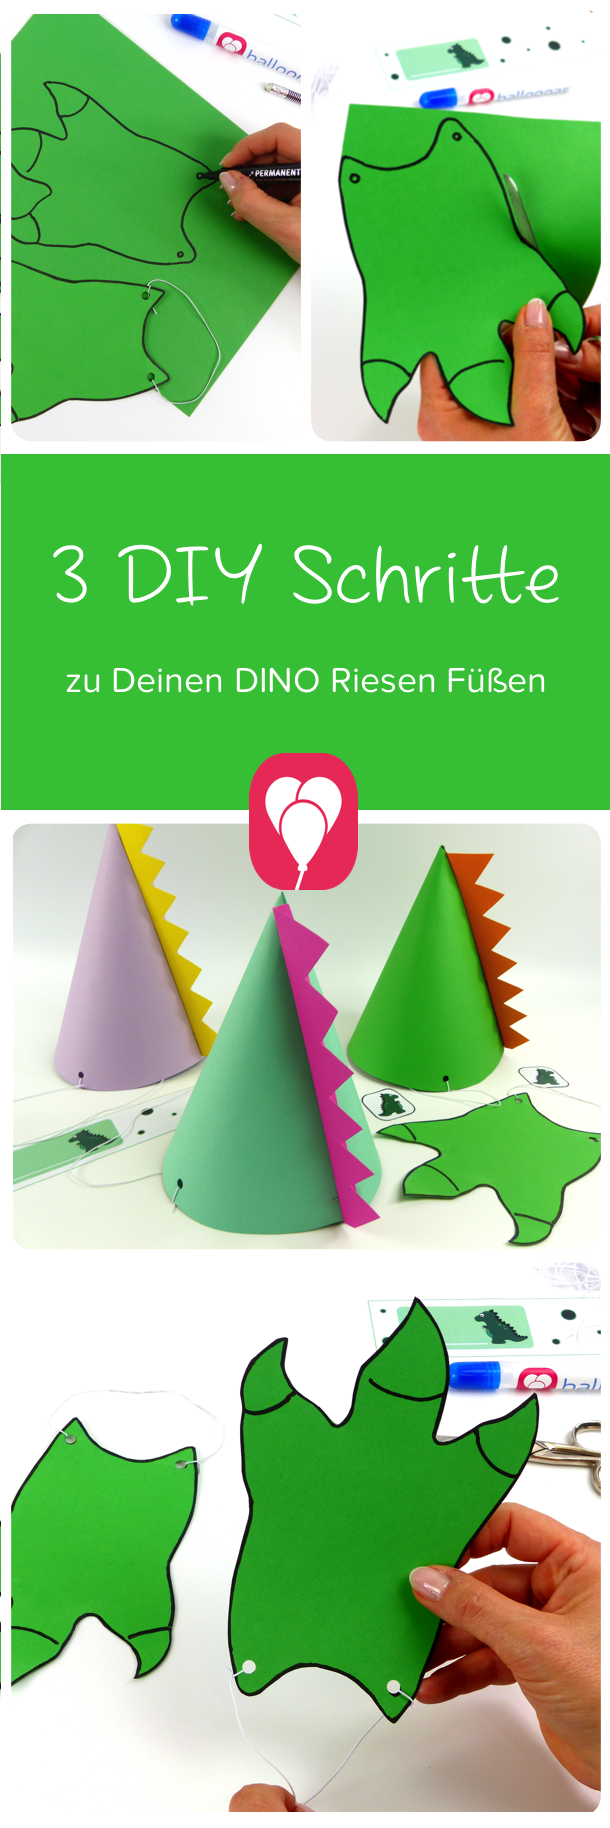 Roarrr! Dino Party Spiele für deinen Dino Party Balloons Blog